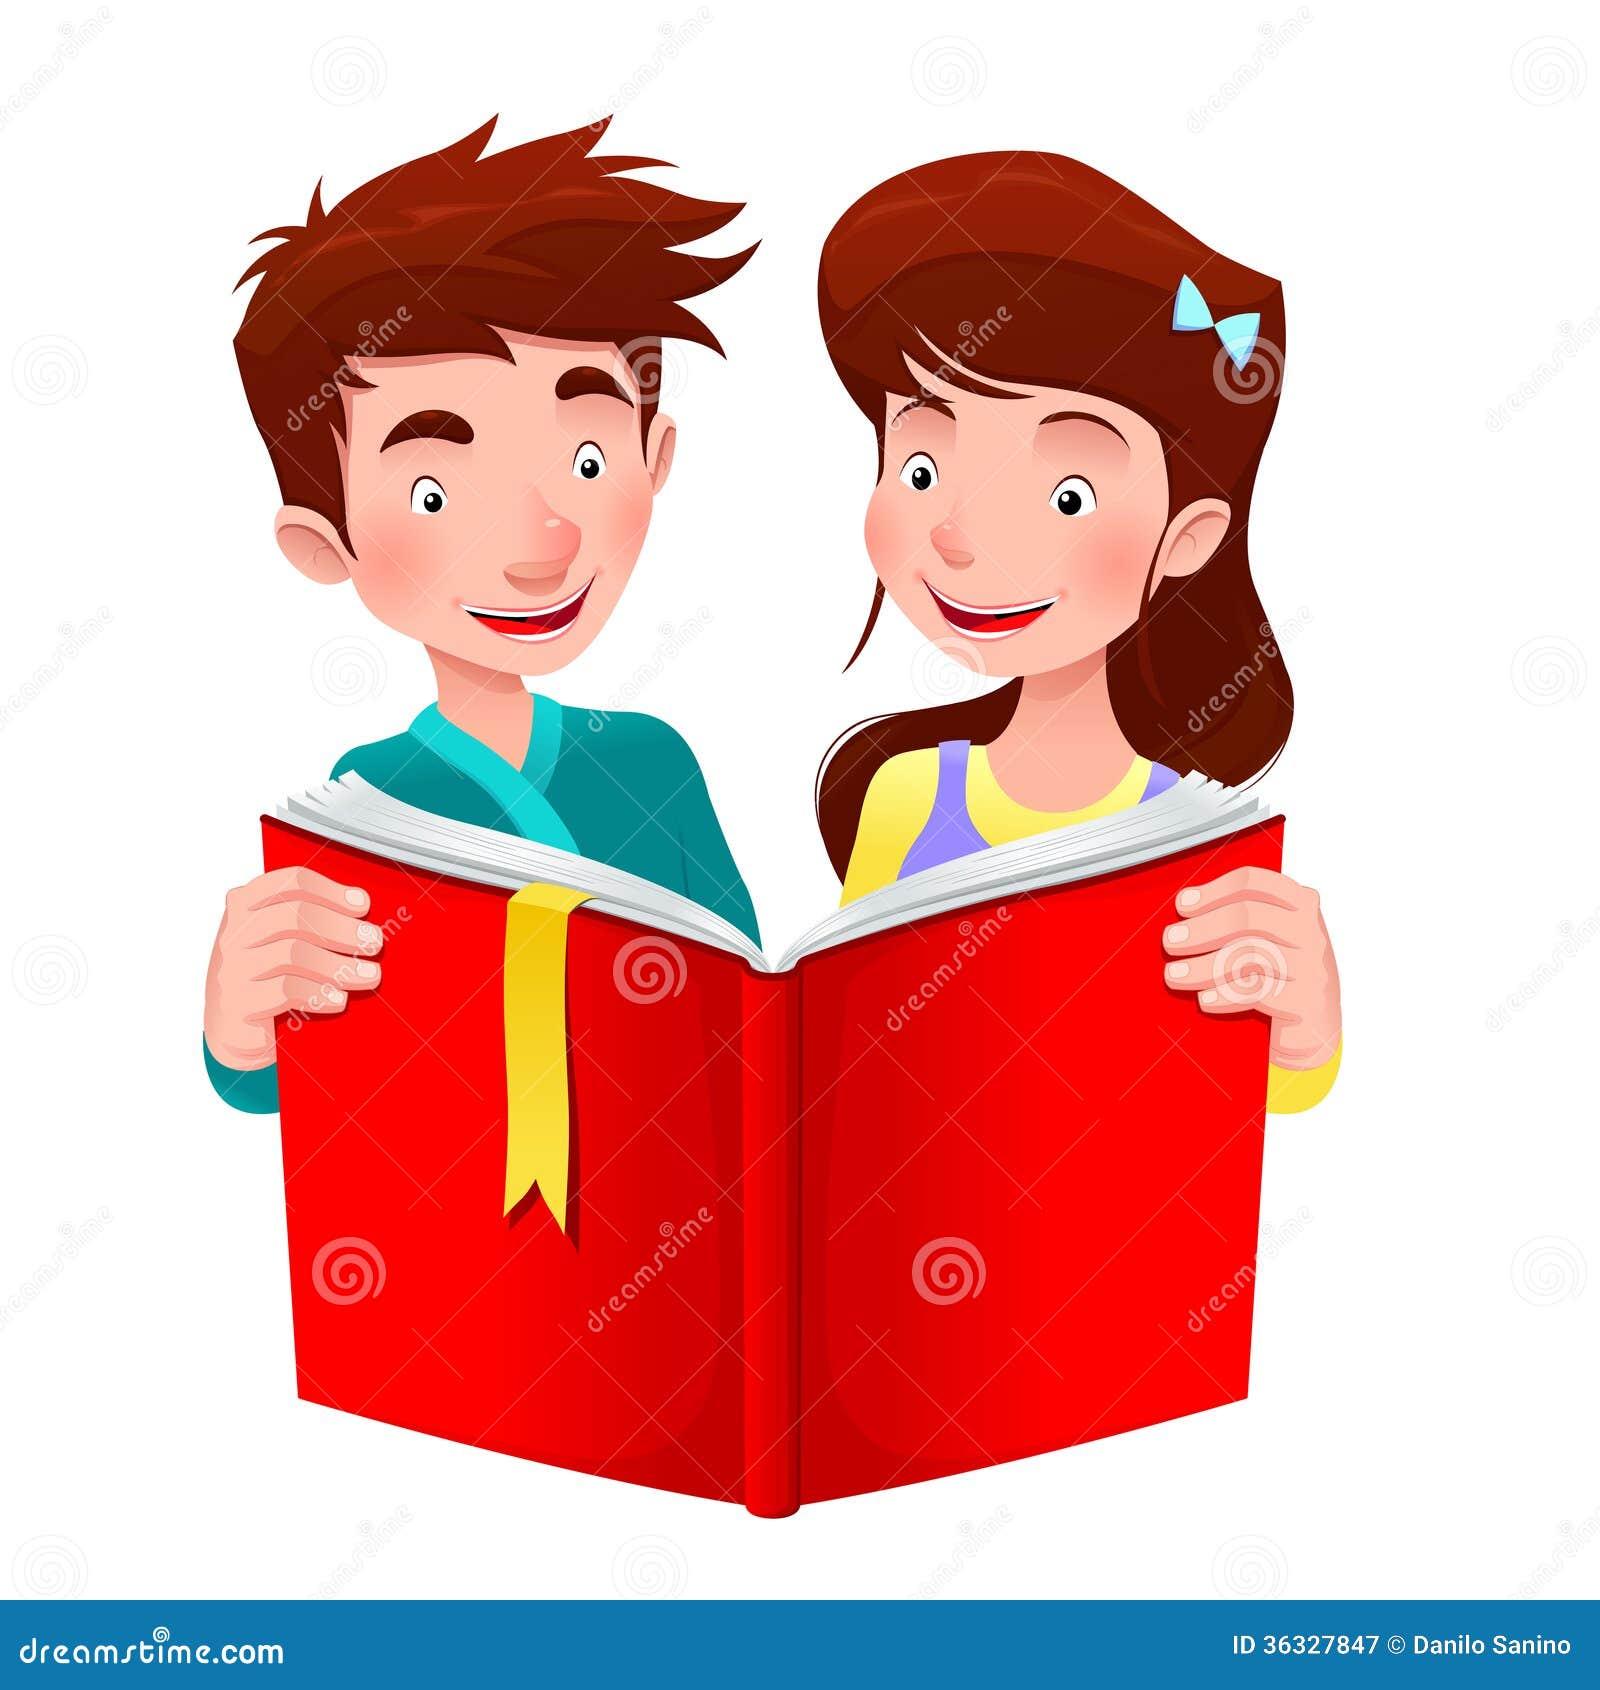 O Menino E A Menina Estao Lendo Um Livro Ilustracao Do Vetor